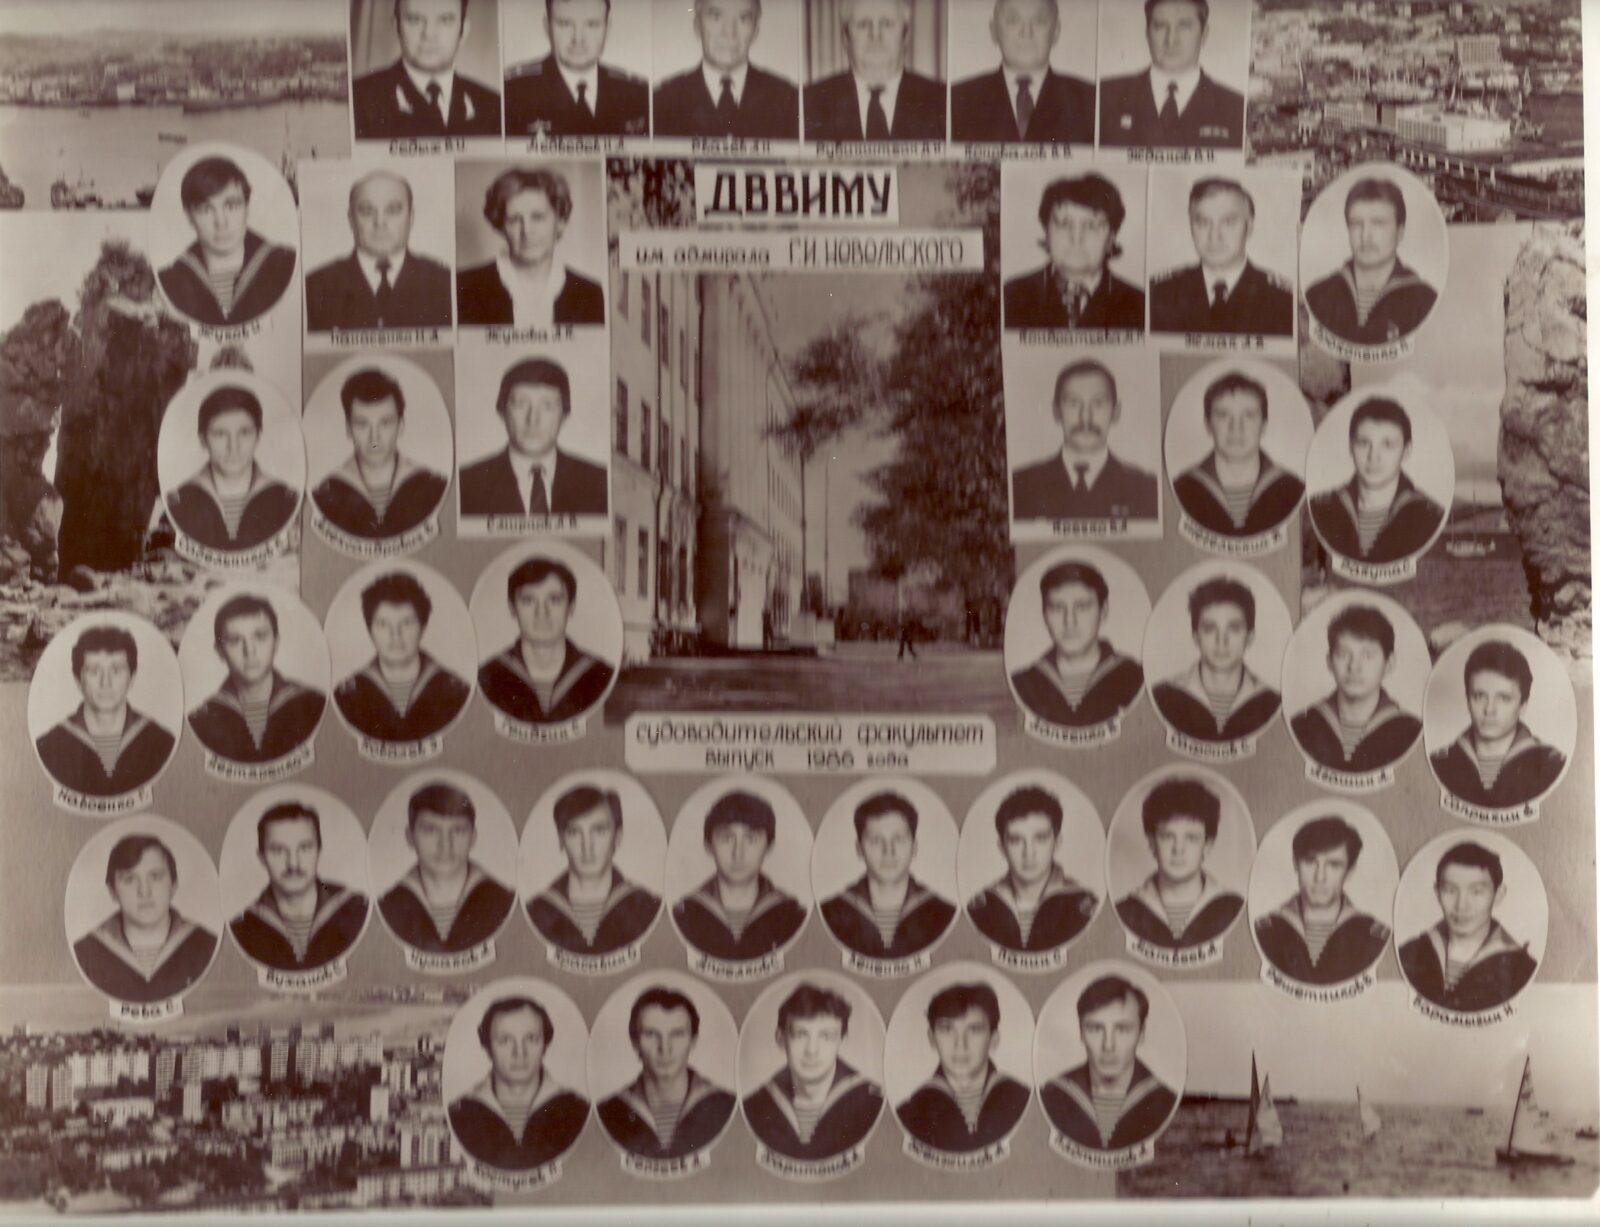 Фото из жизни курсанта ДВВИМУ.